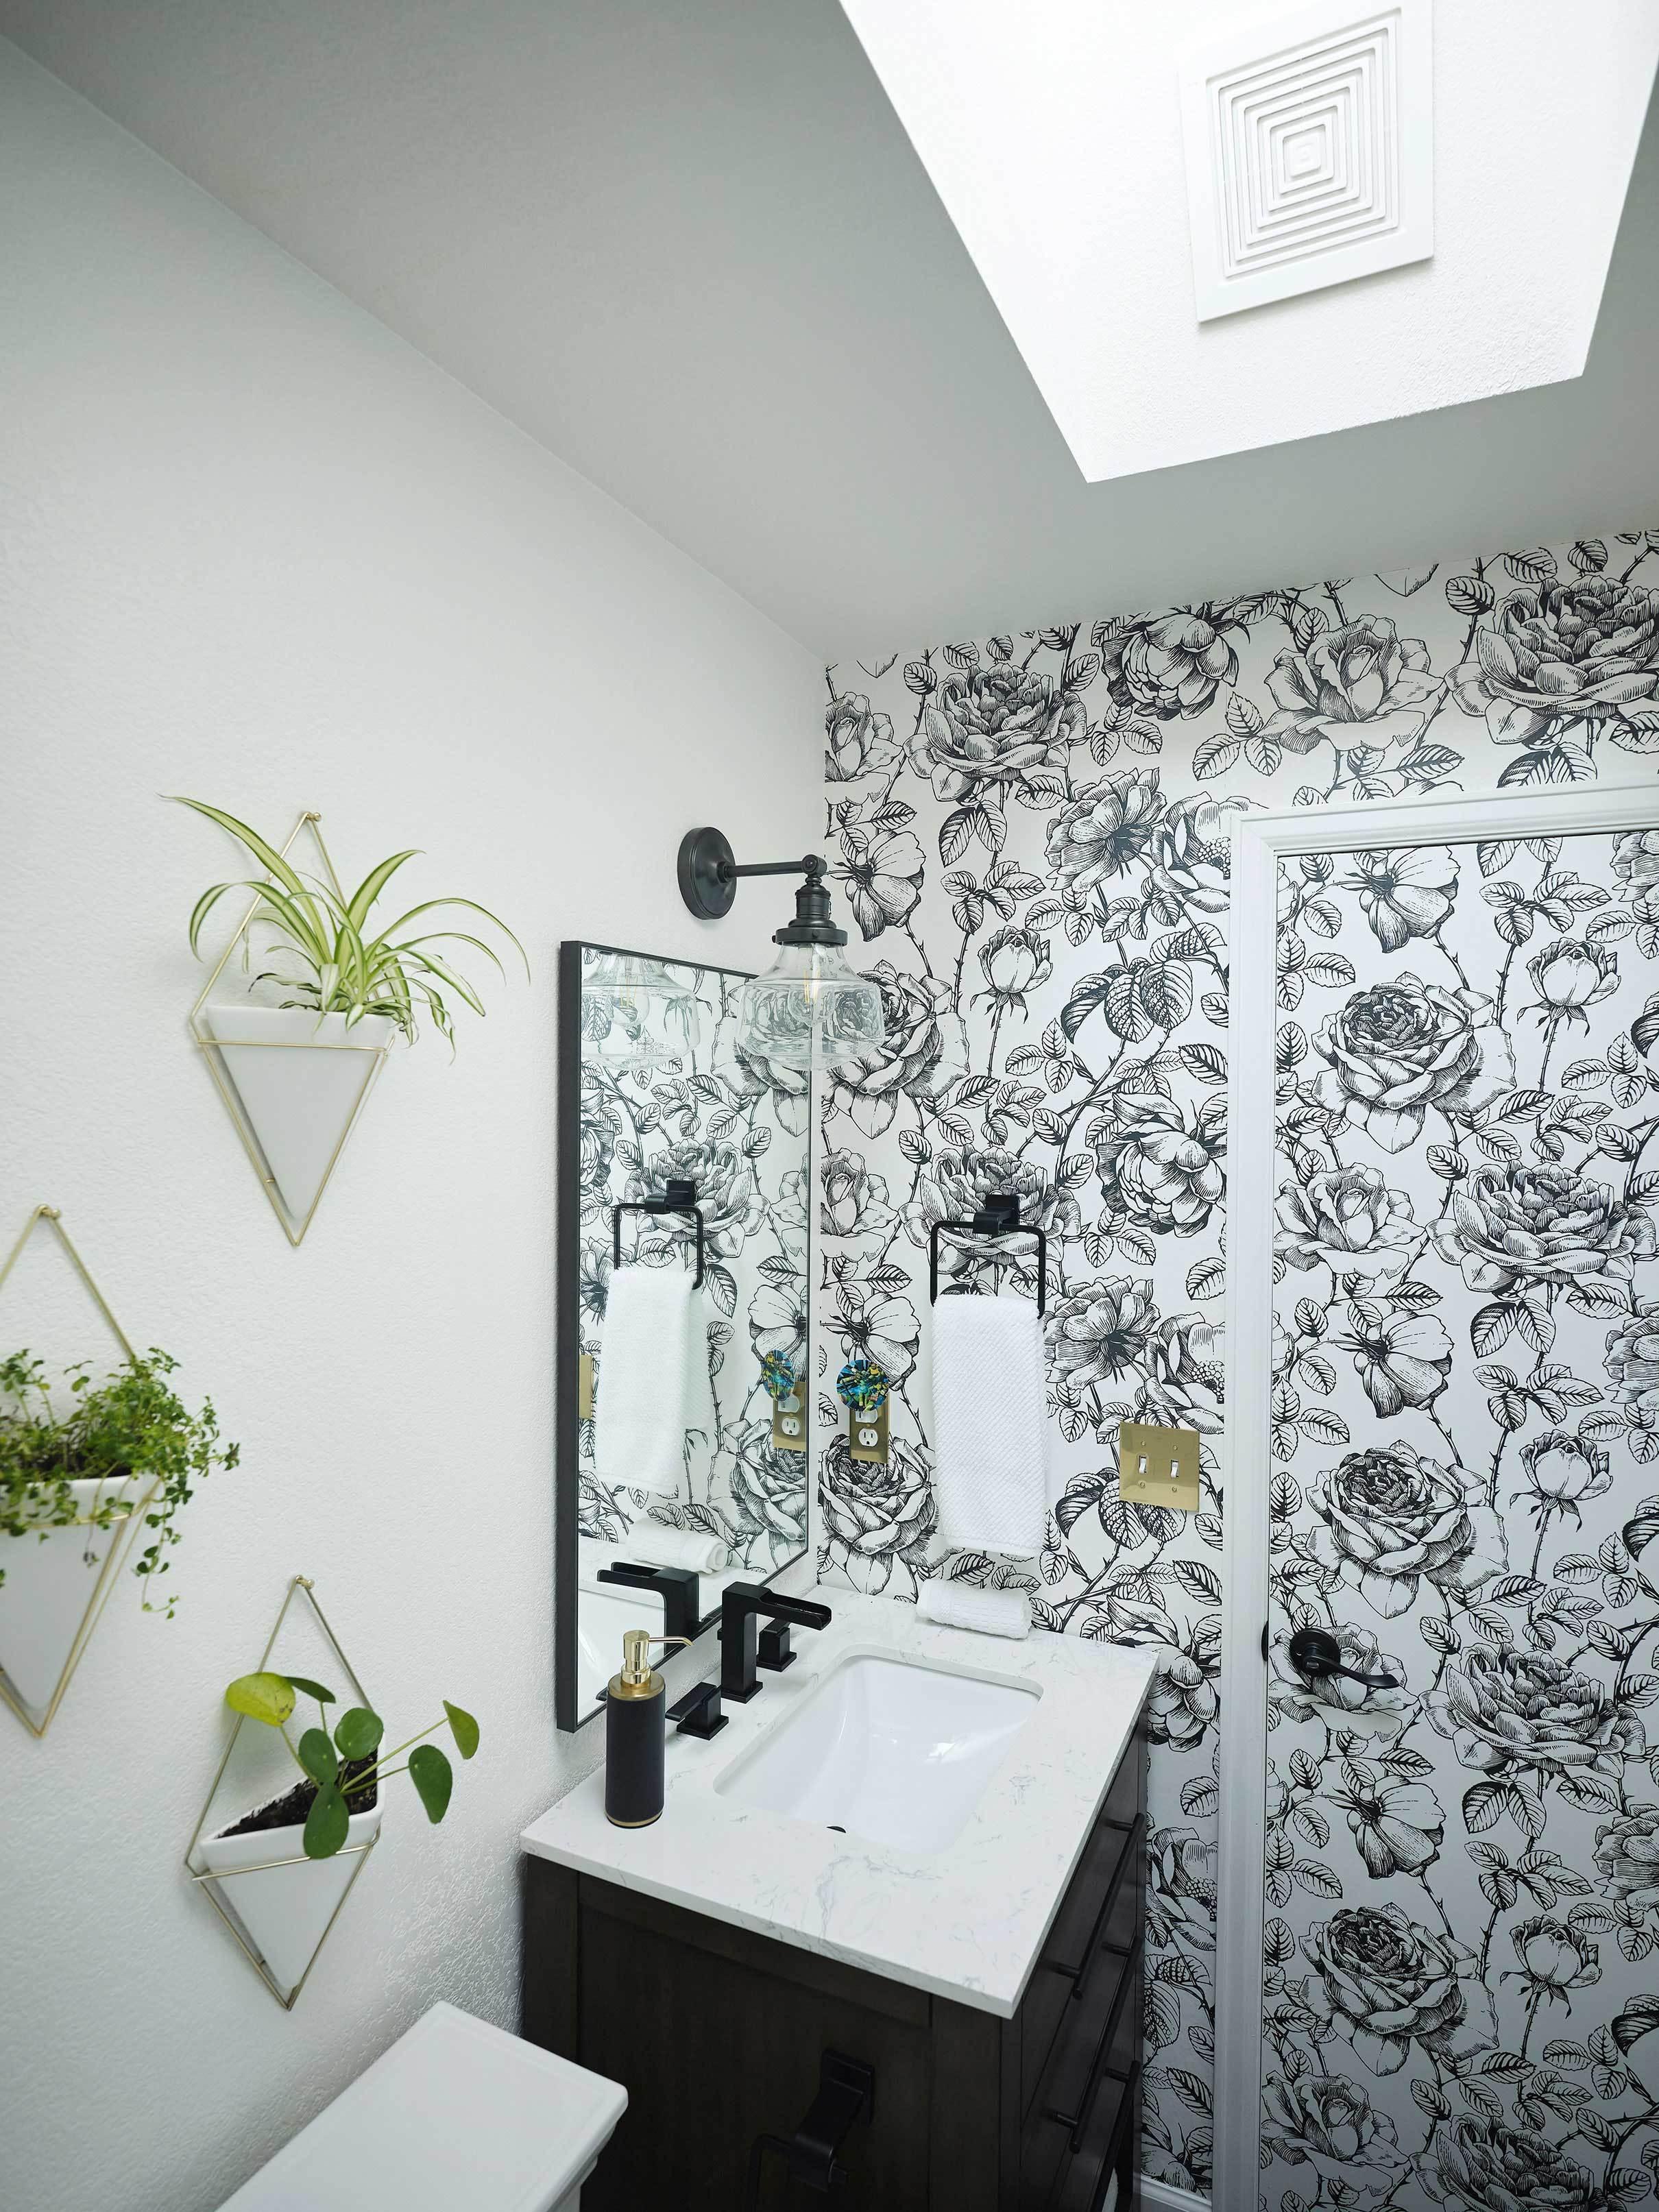 Black-and-white-bathroom-skylight.jpg#asset:6062